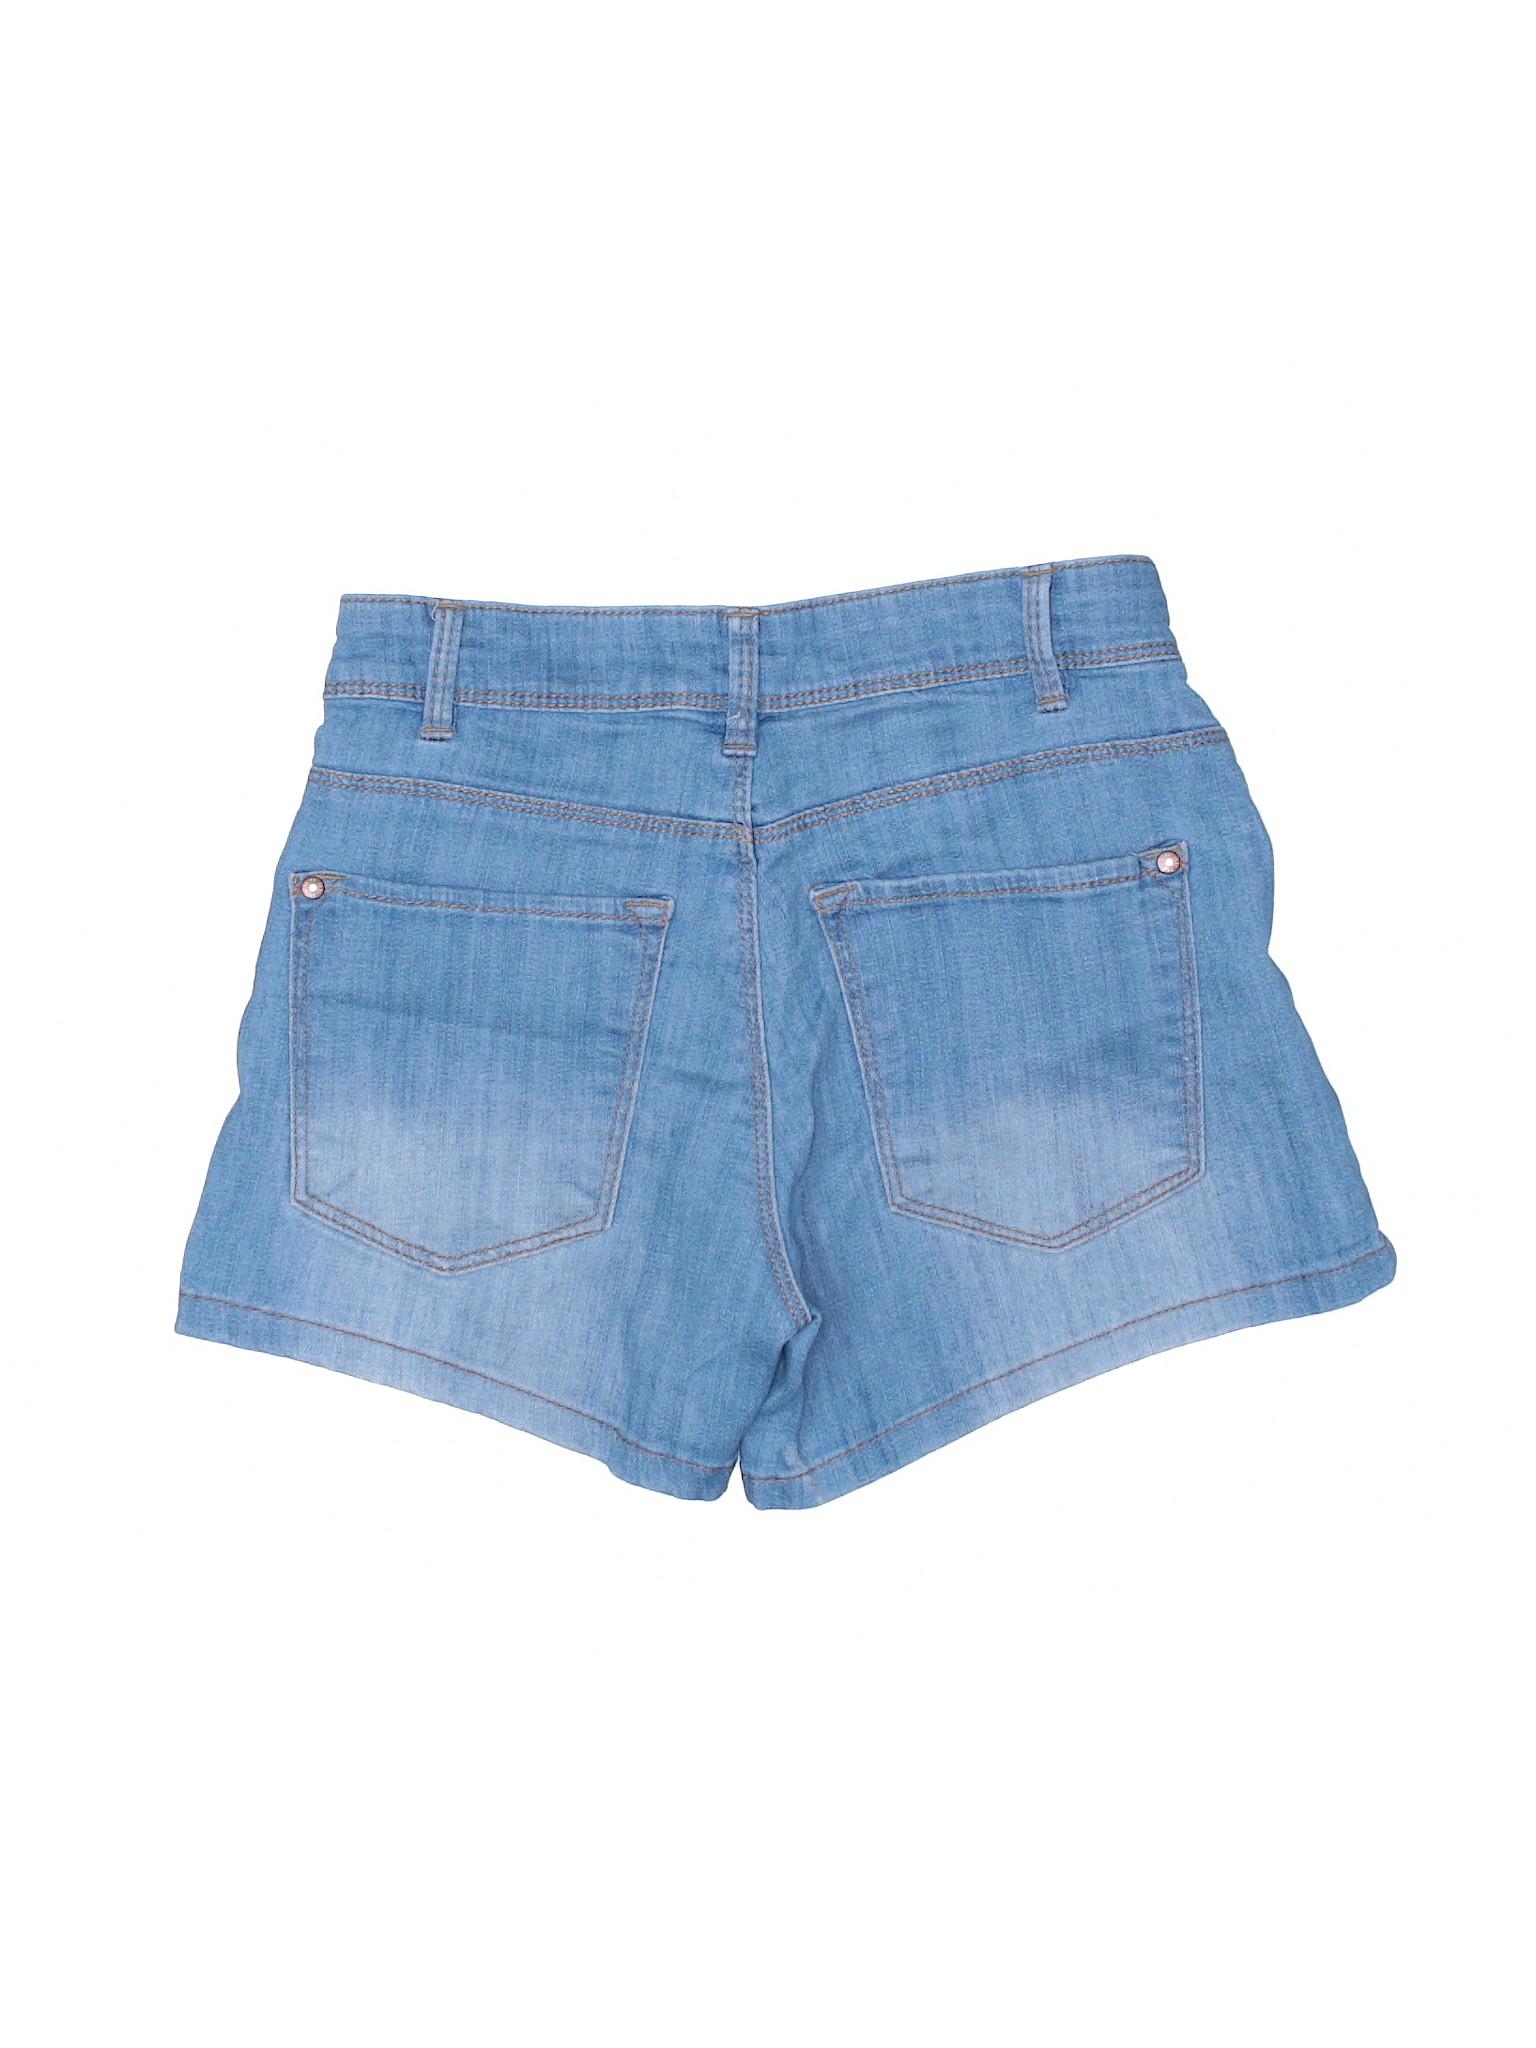 Boutique Cotton Cotton On Denim Boutique Shorts Denim Shorts Boutique On Cotton xTYpwq44O